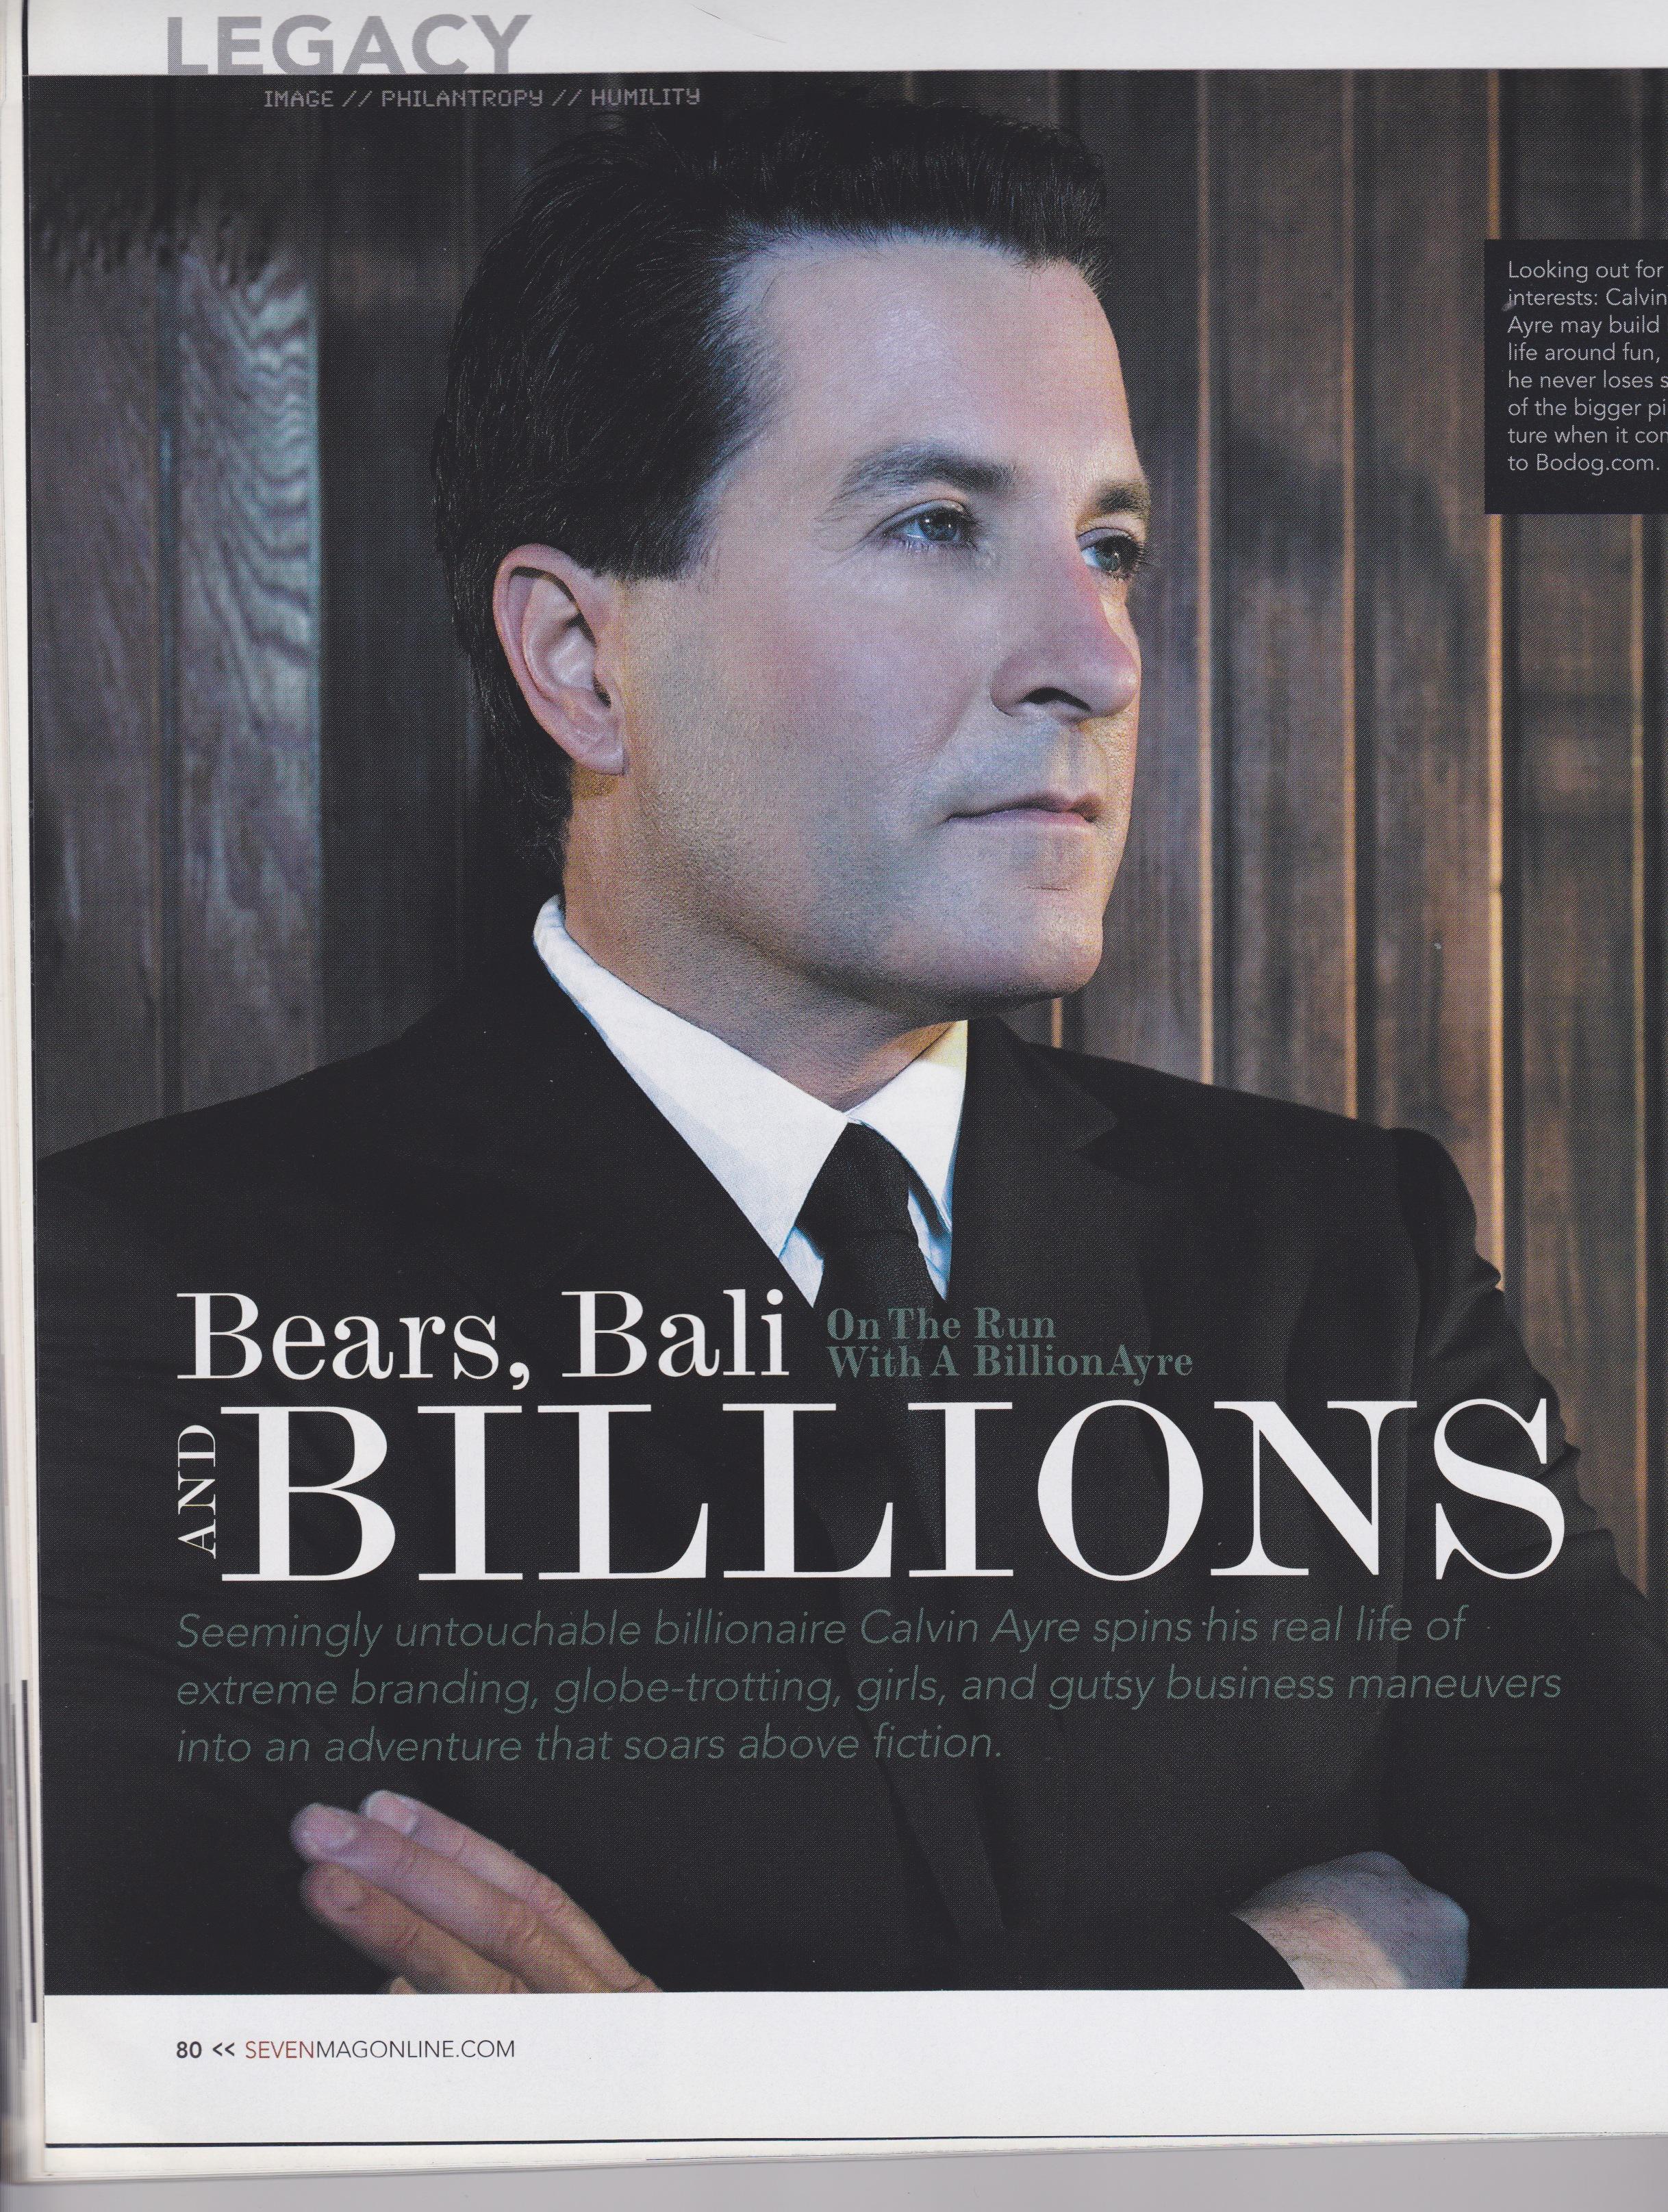 Portfolio: Consumer Magazines, 2002- Present